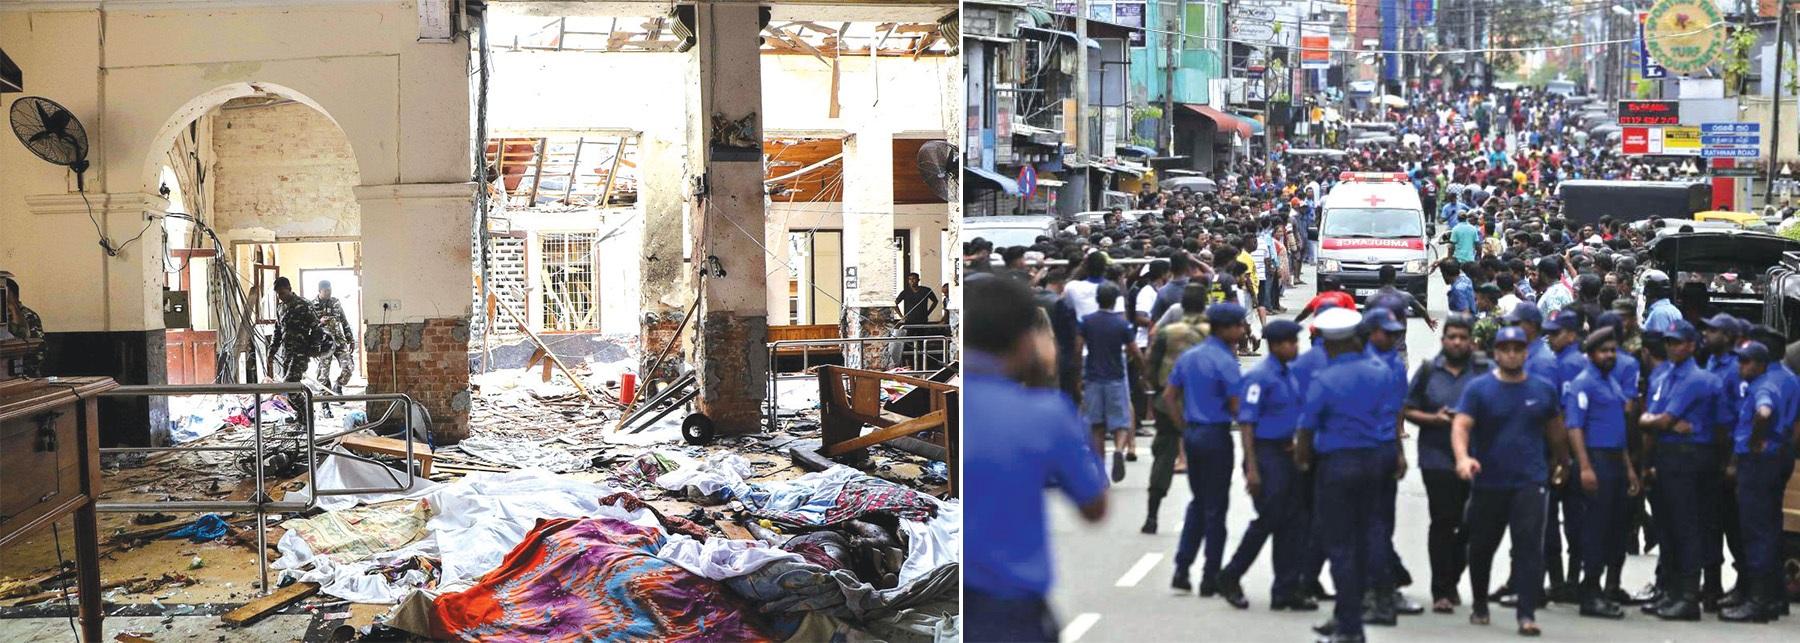 श्रीलंका बम धमाकों से दहला – २१५ लोगों की मौत; ५०० जख्मी